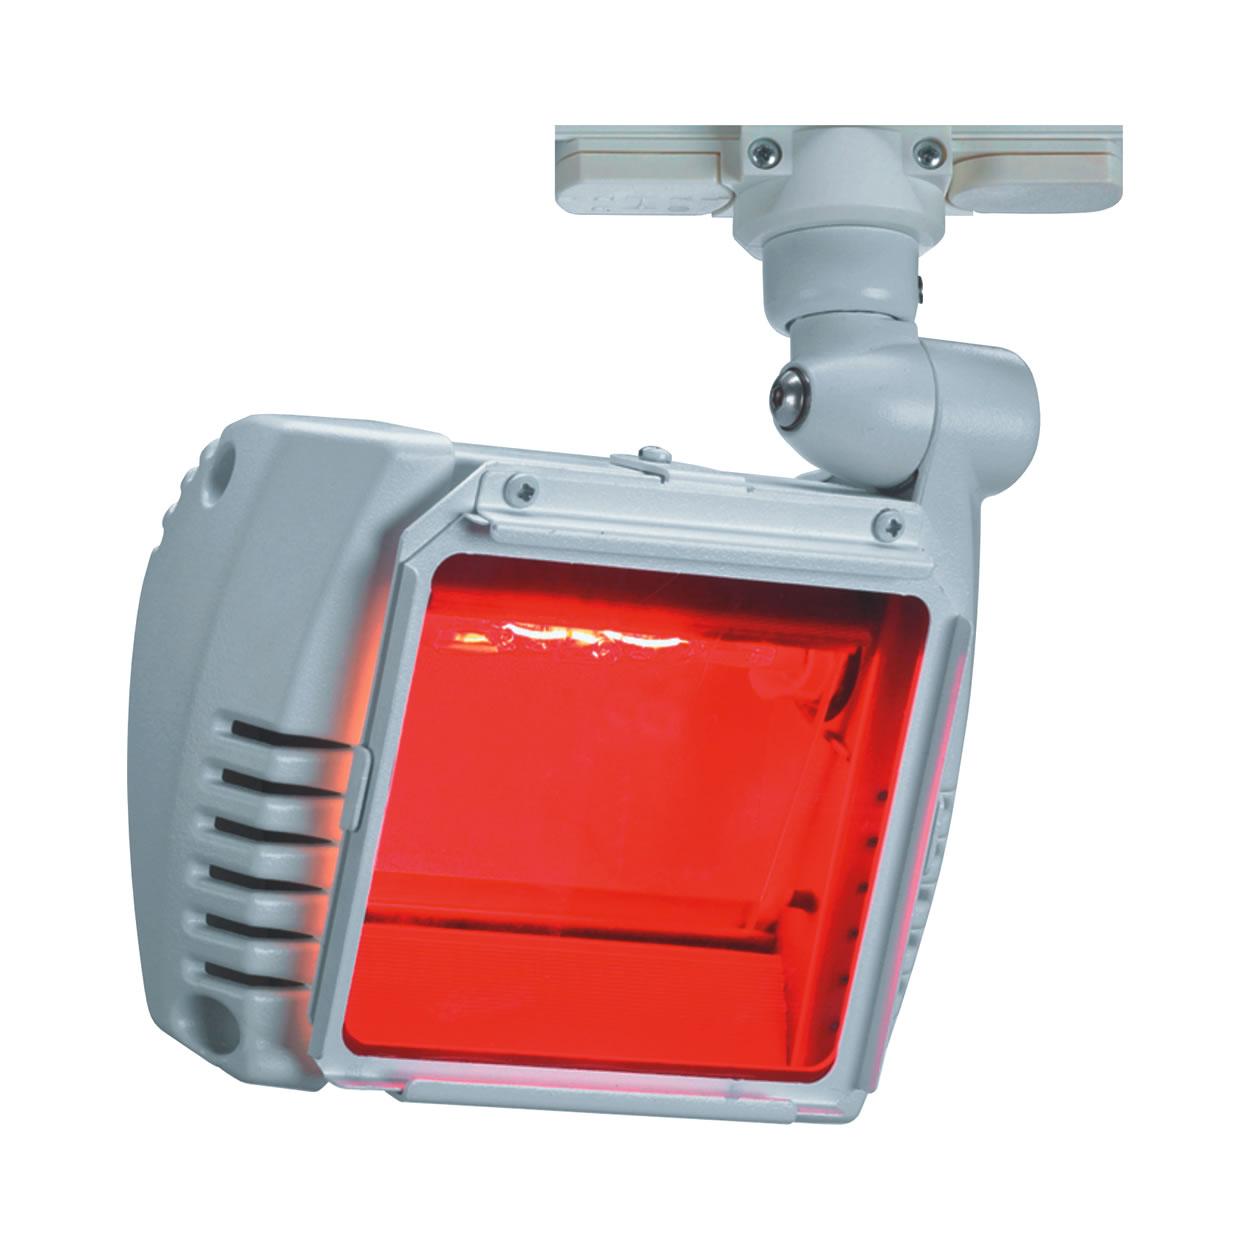 1; 2; 3  sc 1 st  Lightmoves & Philips Selecon Aureol Fresco Flood - Lightmoves azcodes.com